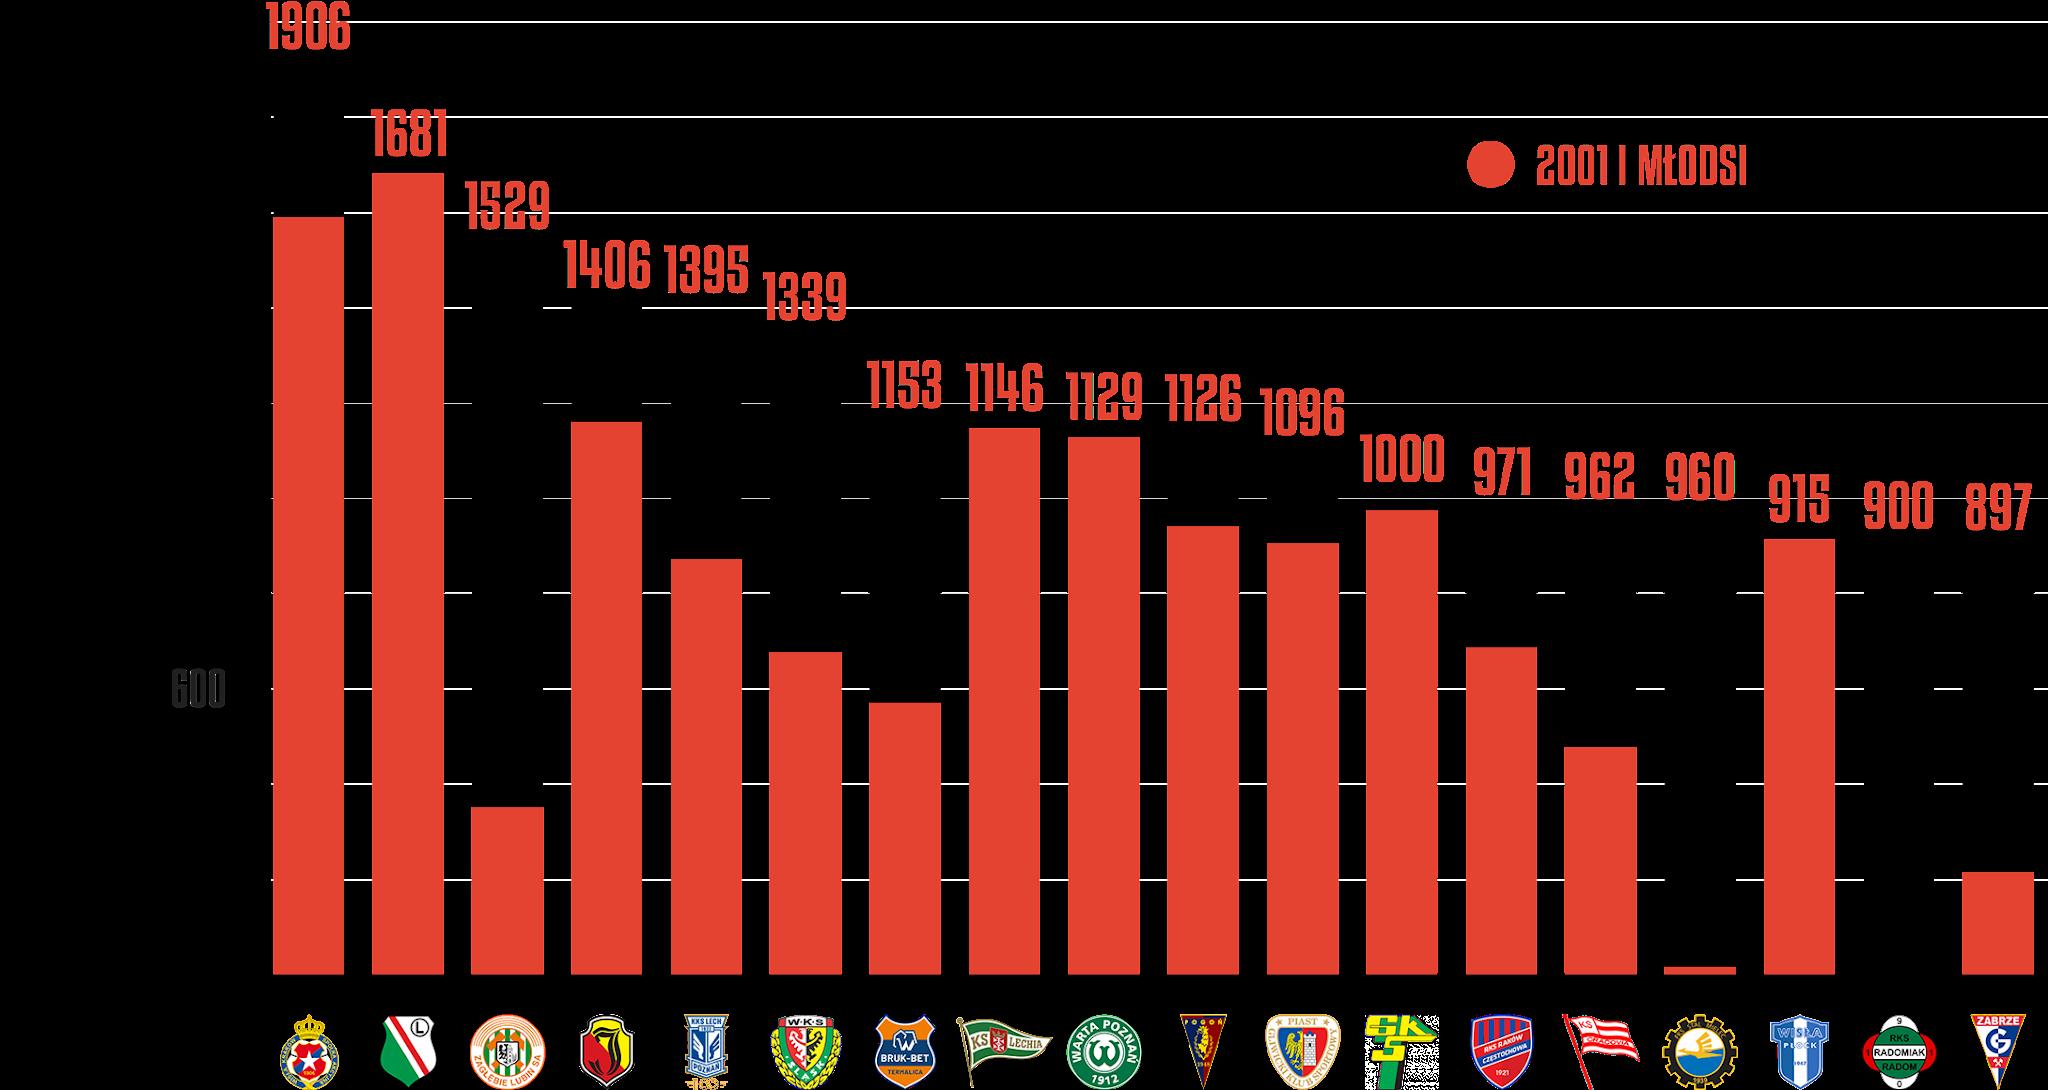 Klasyfikacja klubów pod względem rozegranego czasu przez młodzieżowców po 10.kolejce PKO Ekstraklasy<br><br>Źródło: Opracowanie własne na podstawie ekstrastats.pl<br><br>graf. Bartosz Urban